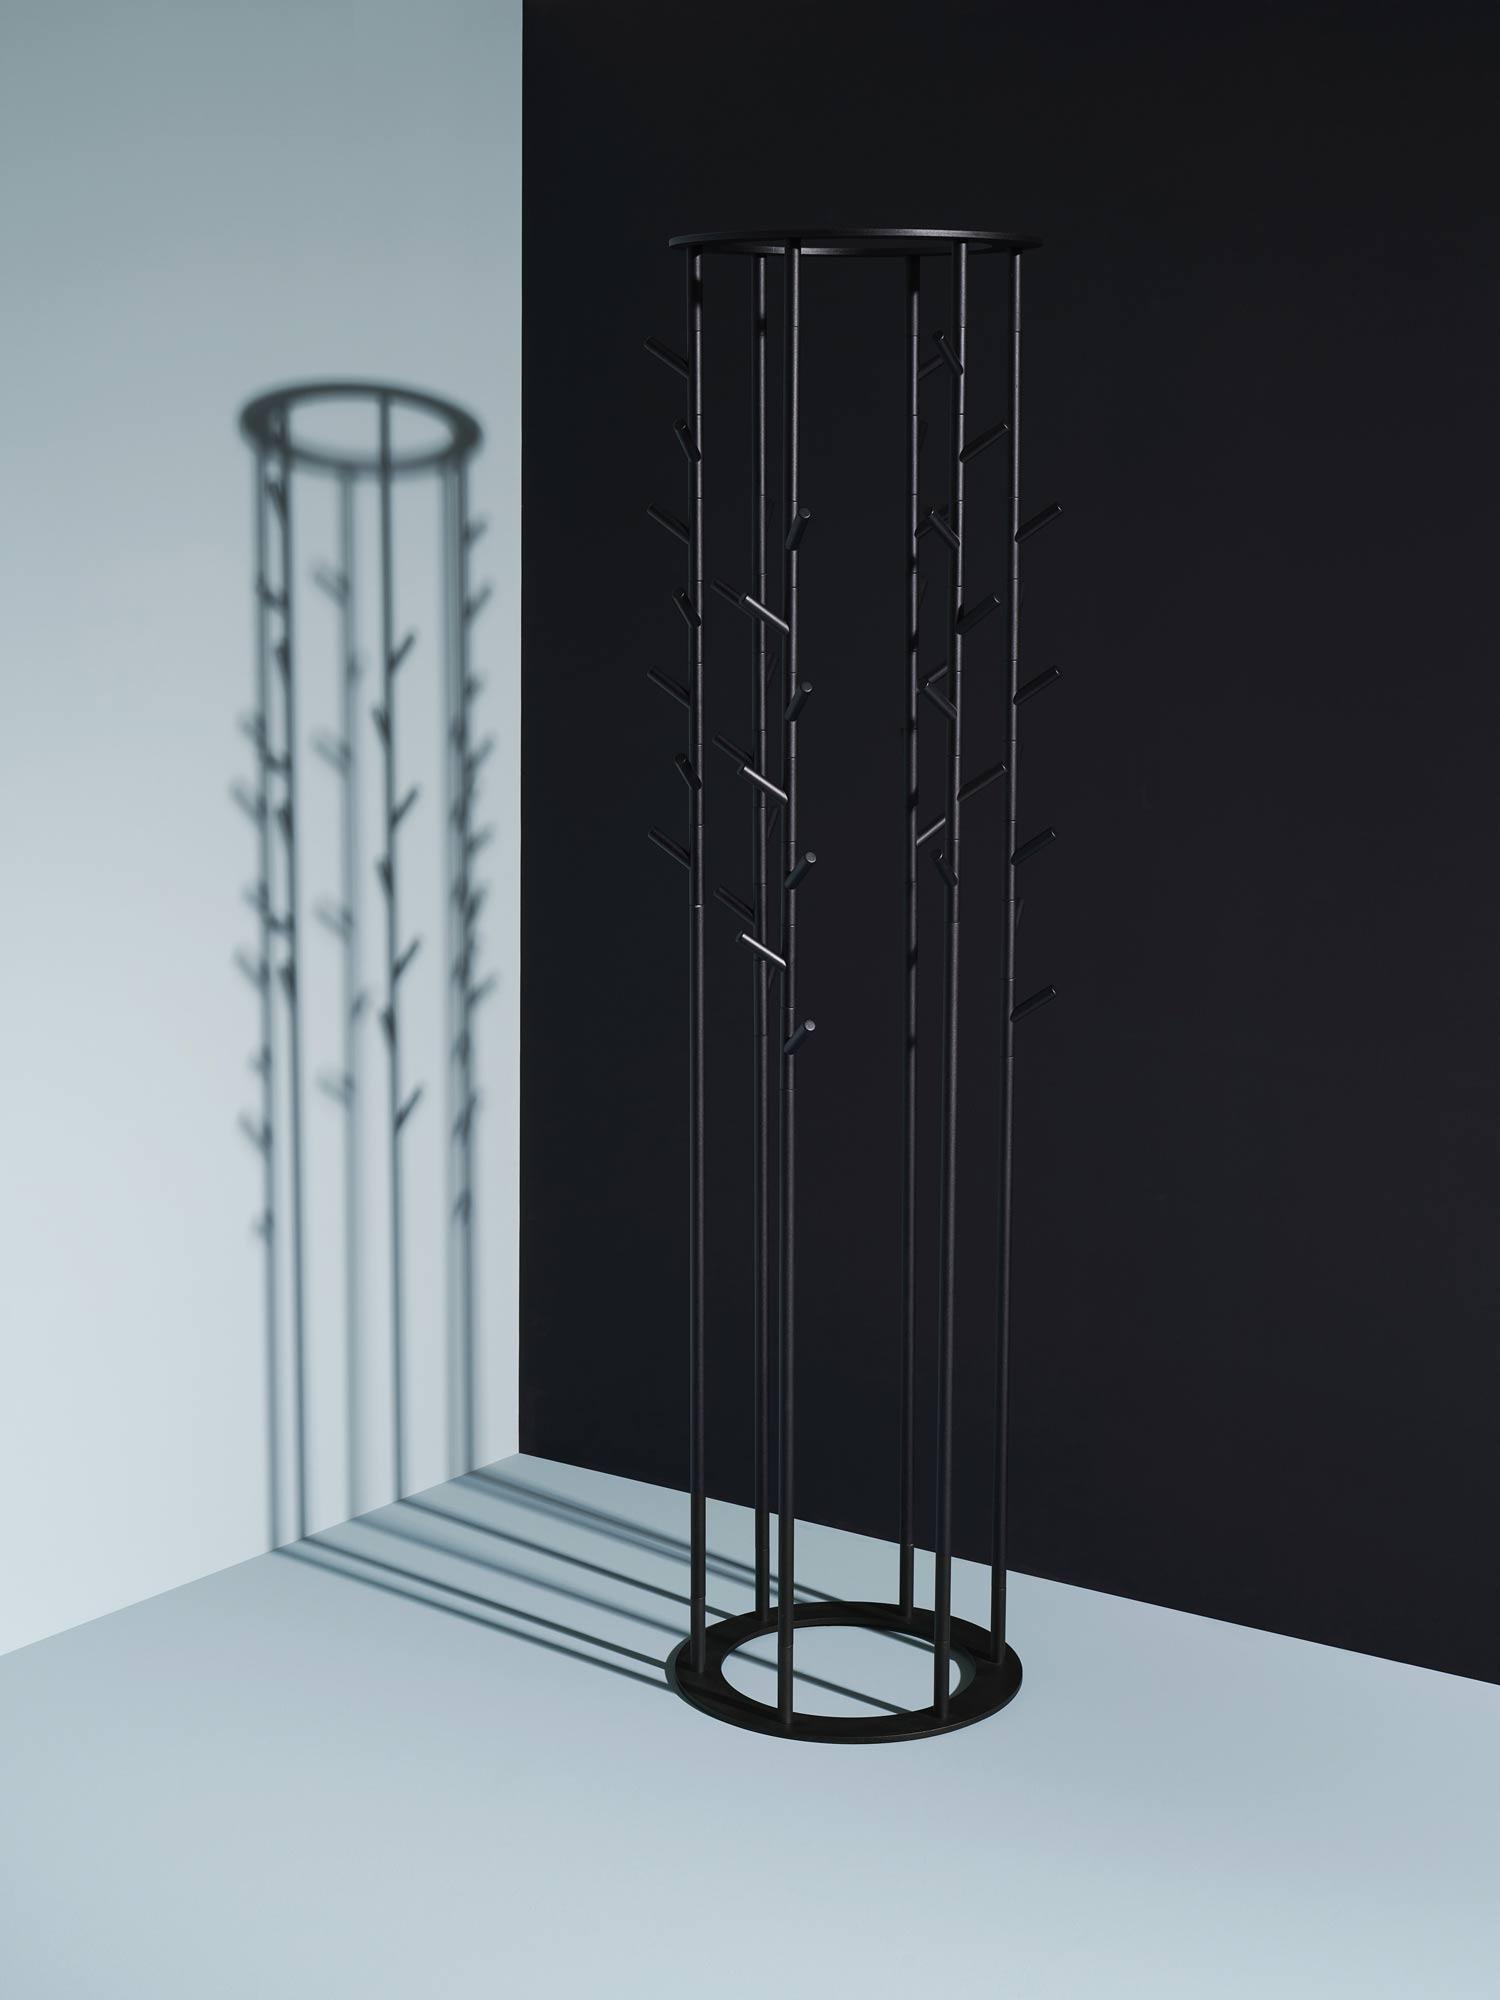 Vielseitige Garderobenlinie von Nichetto Studio für Schönbuch